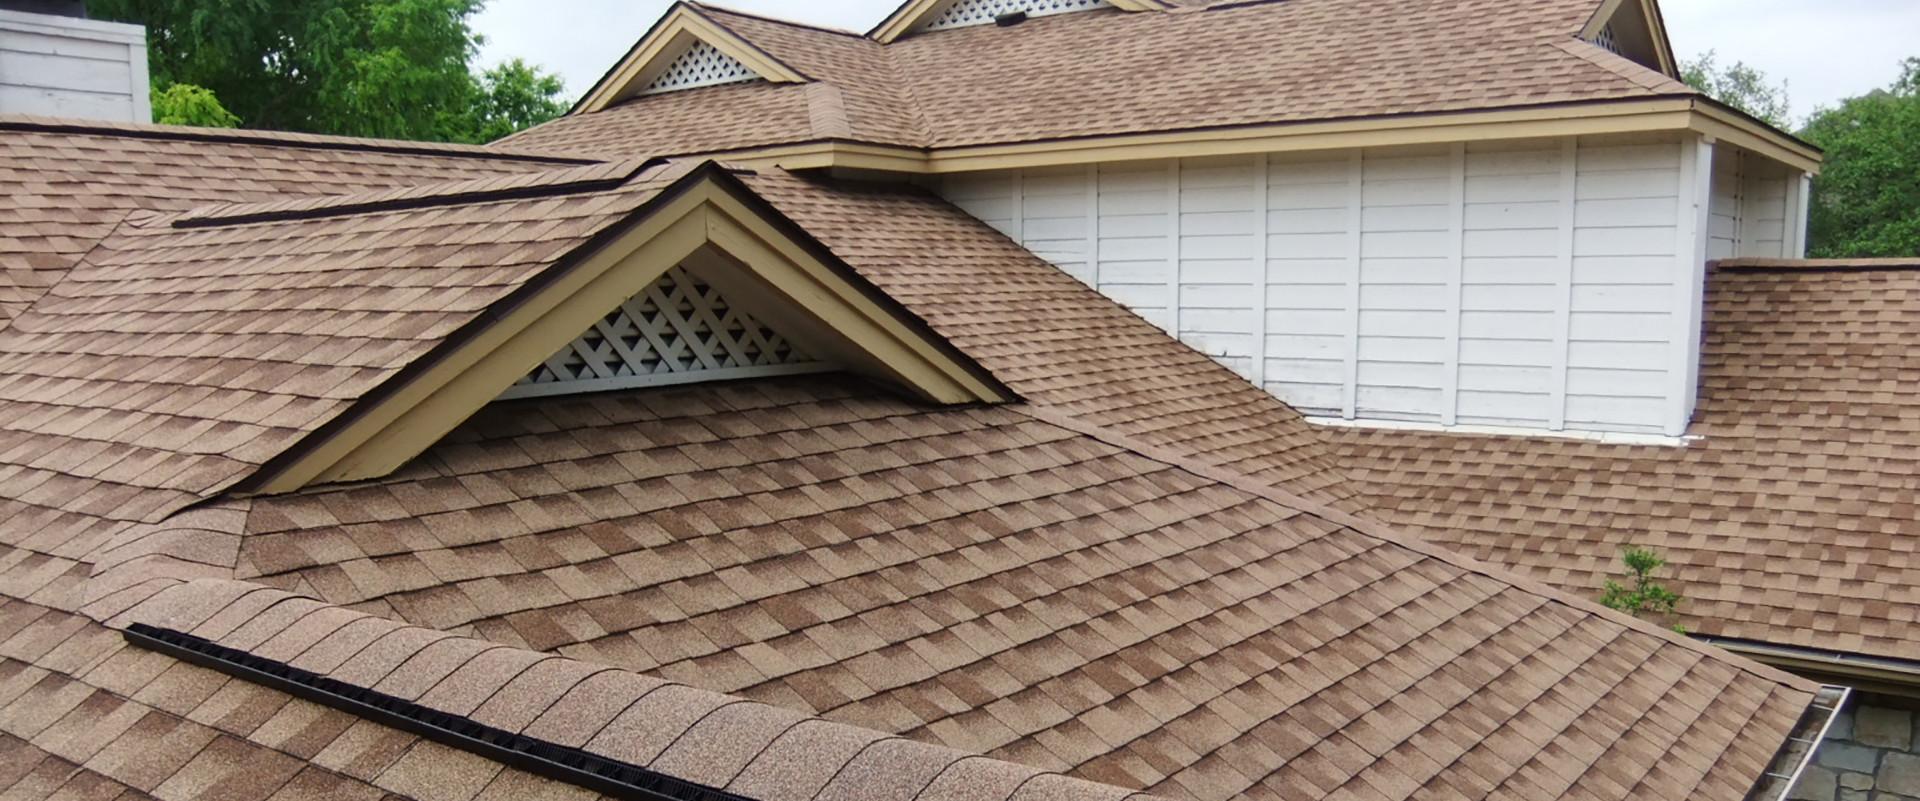 roofbanner-e1434724213942